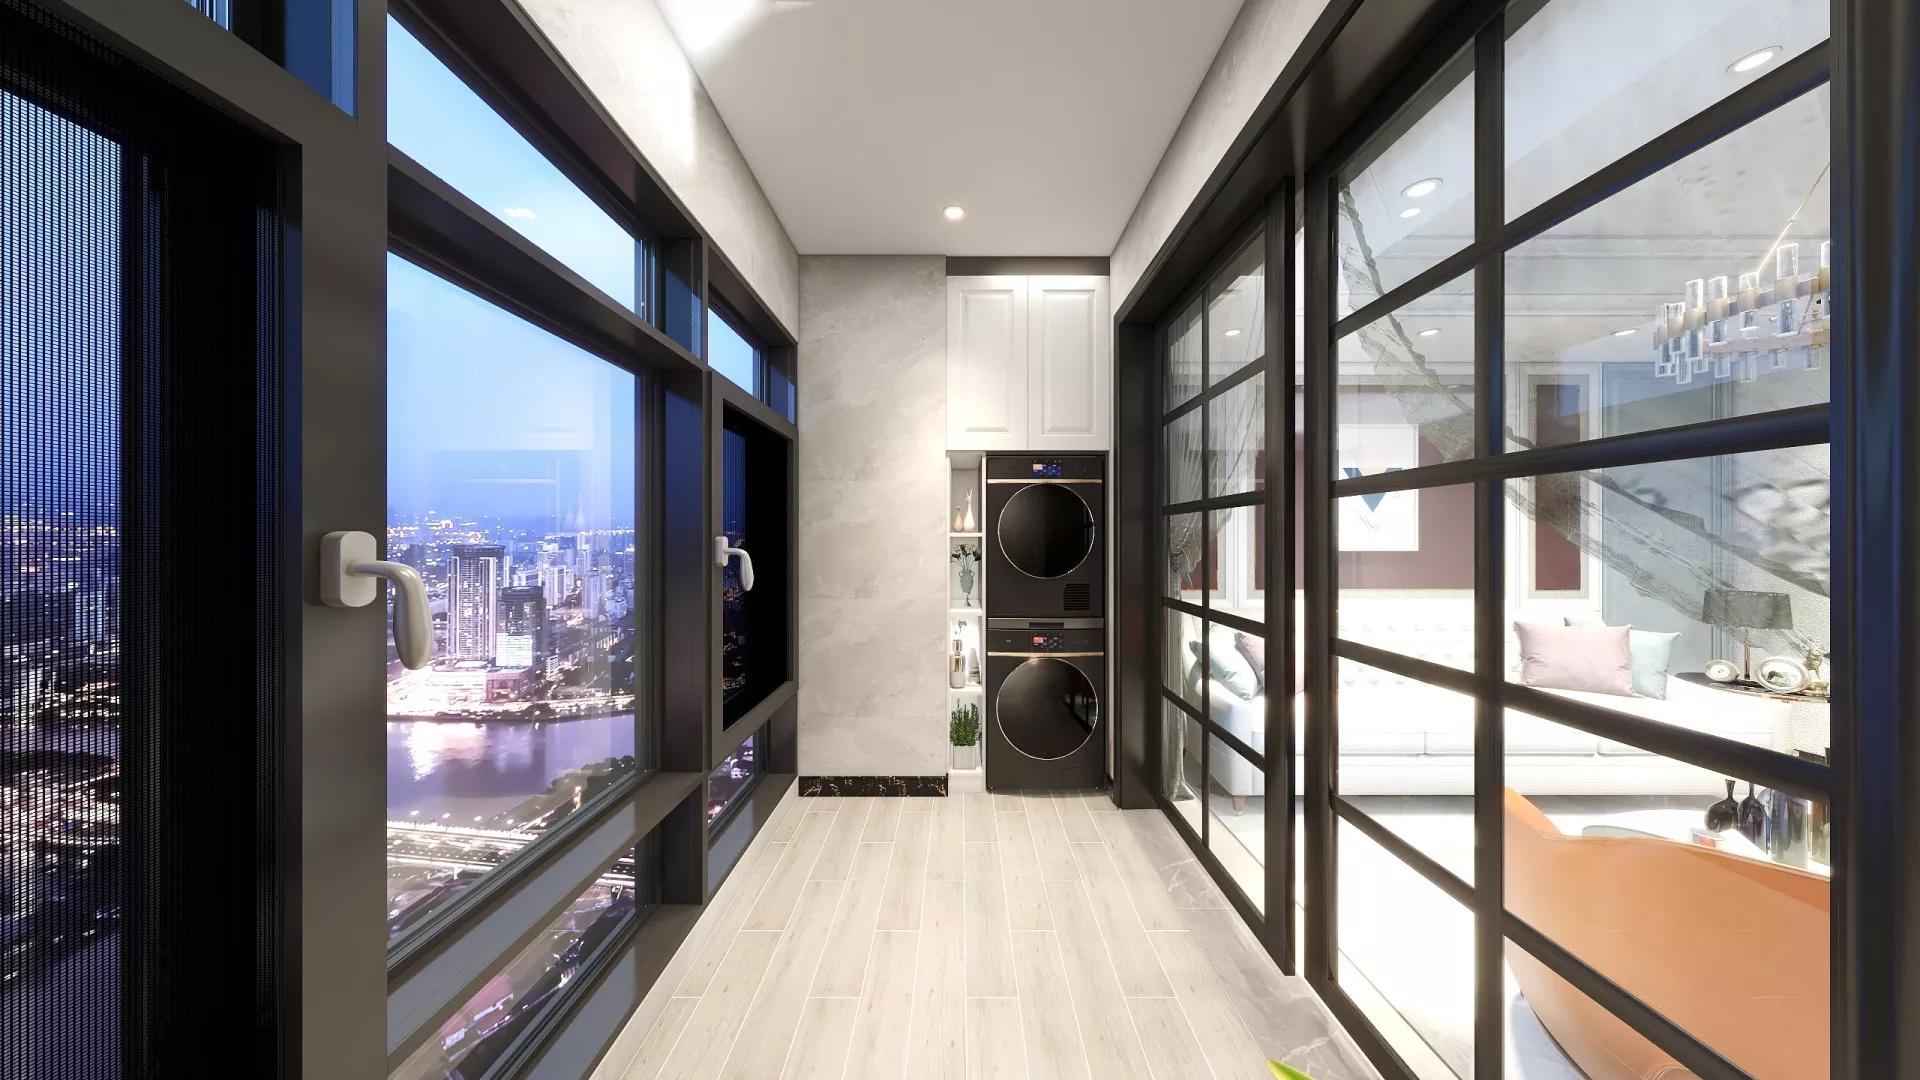 135㎡轻工业风黑白灰舒适大气客厅装修效果图